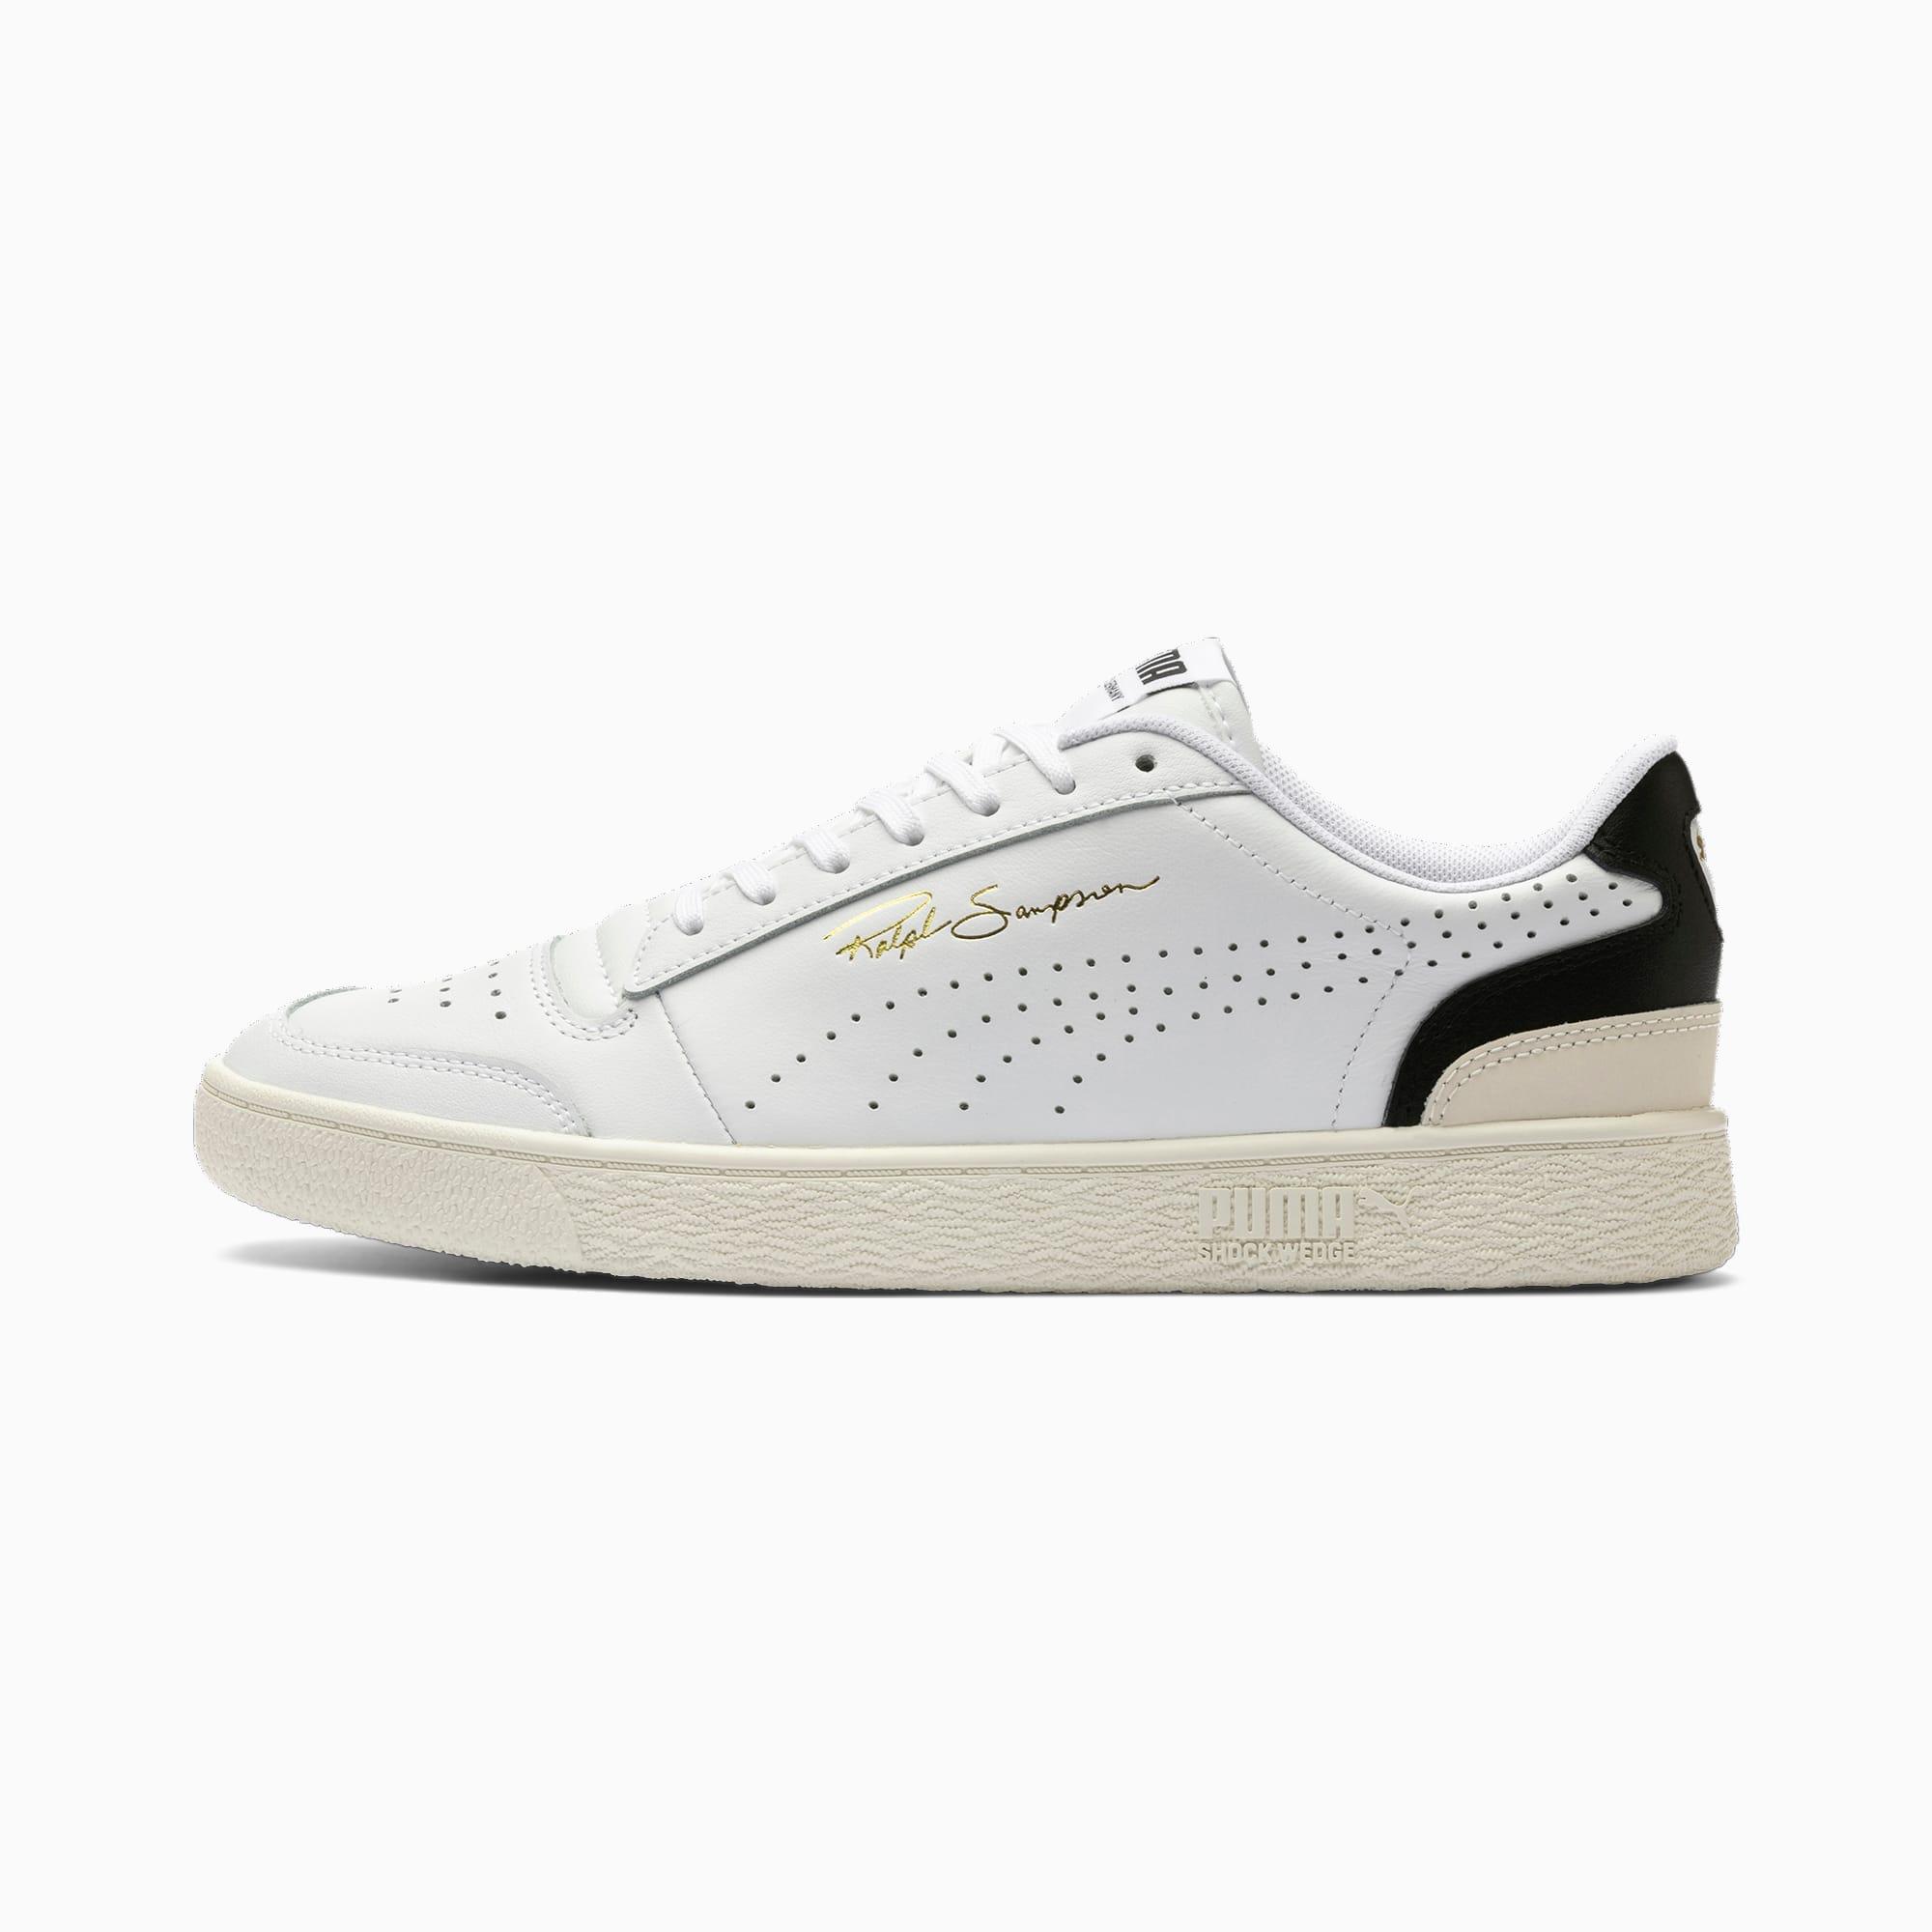 PUMA Ralph Sampson Lo Perforated Soft Sneaker Schuhe   Mit Aucun   Weiß/Schwarz   Größe: 42.5